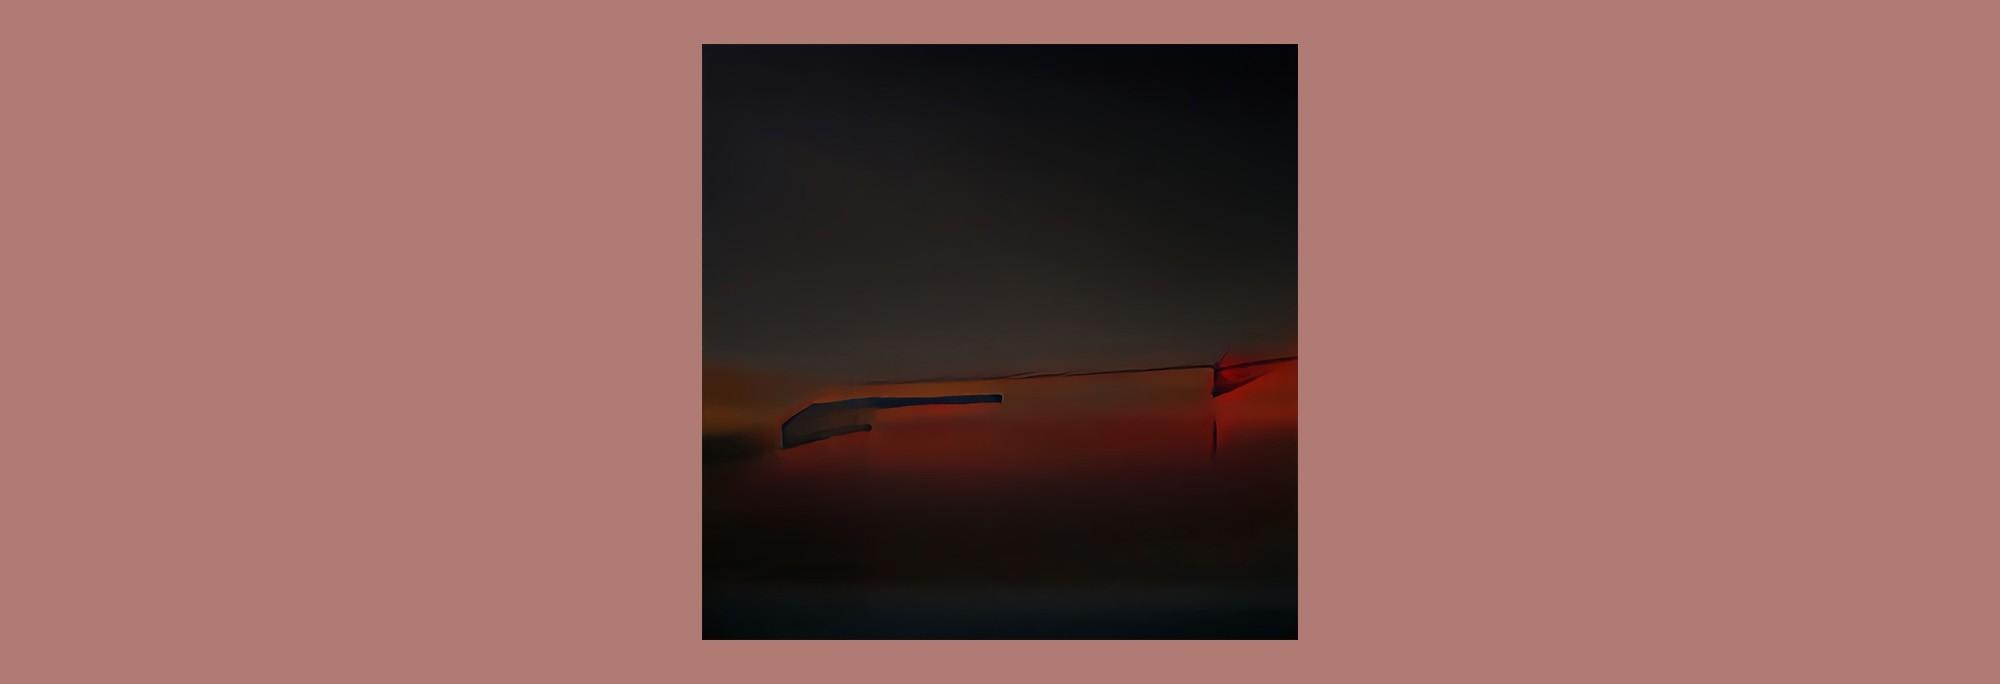 Pêtr Aleksänder - The Something Else